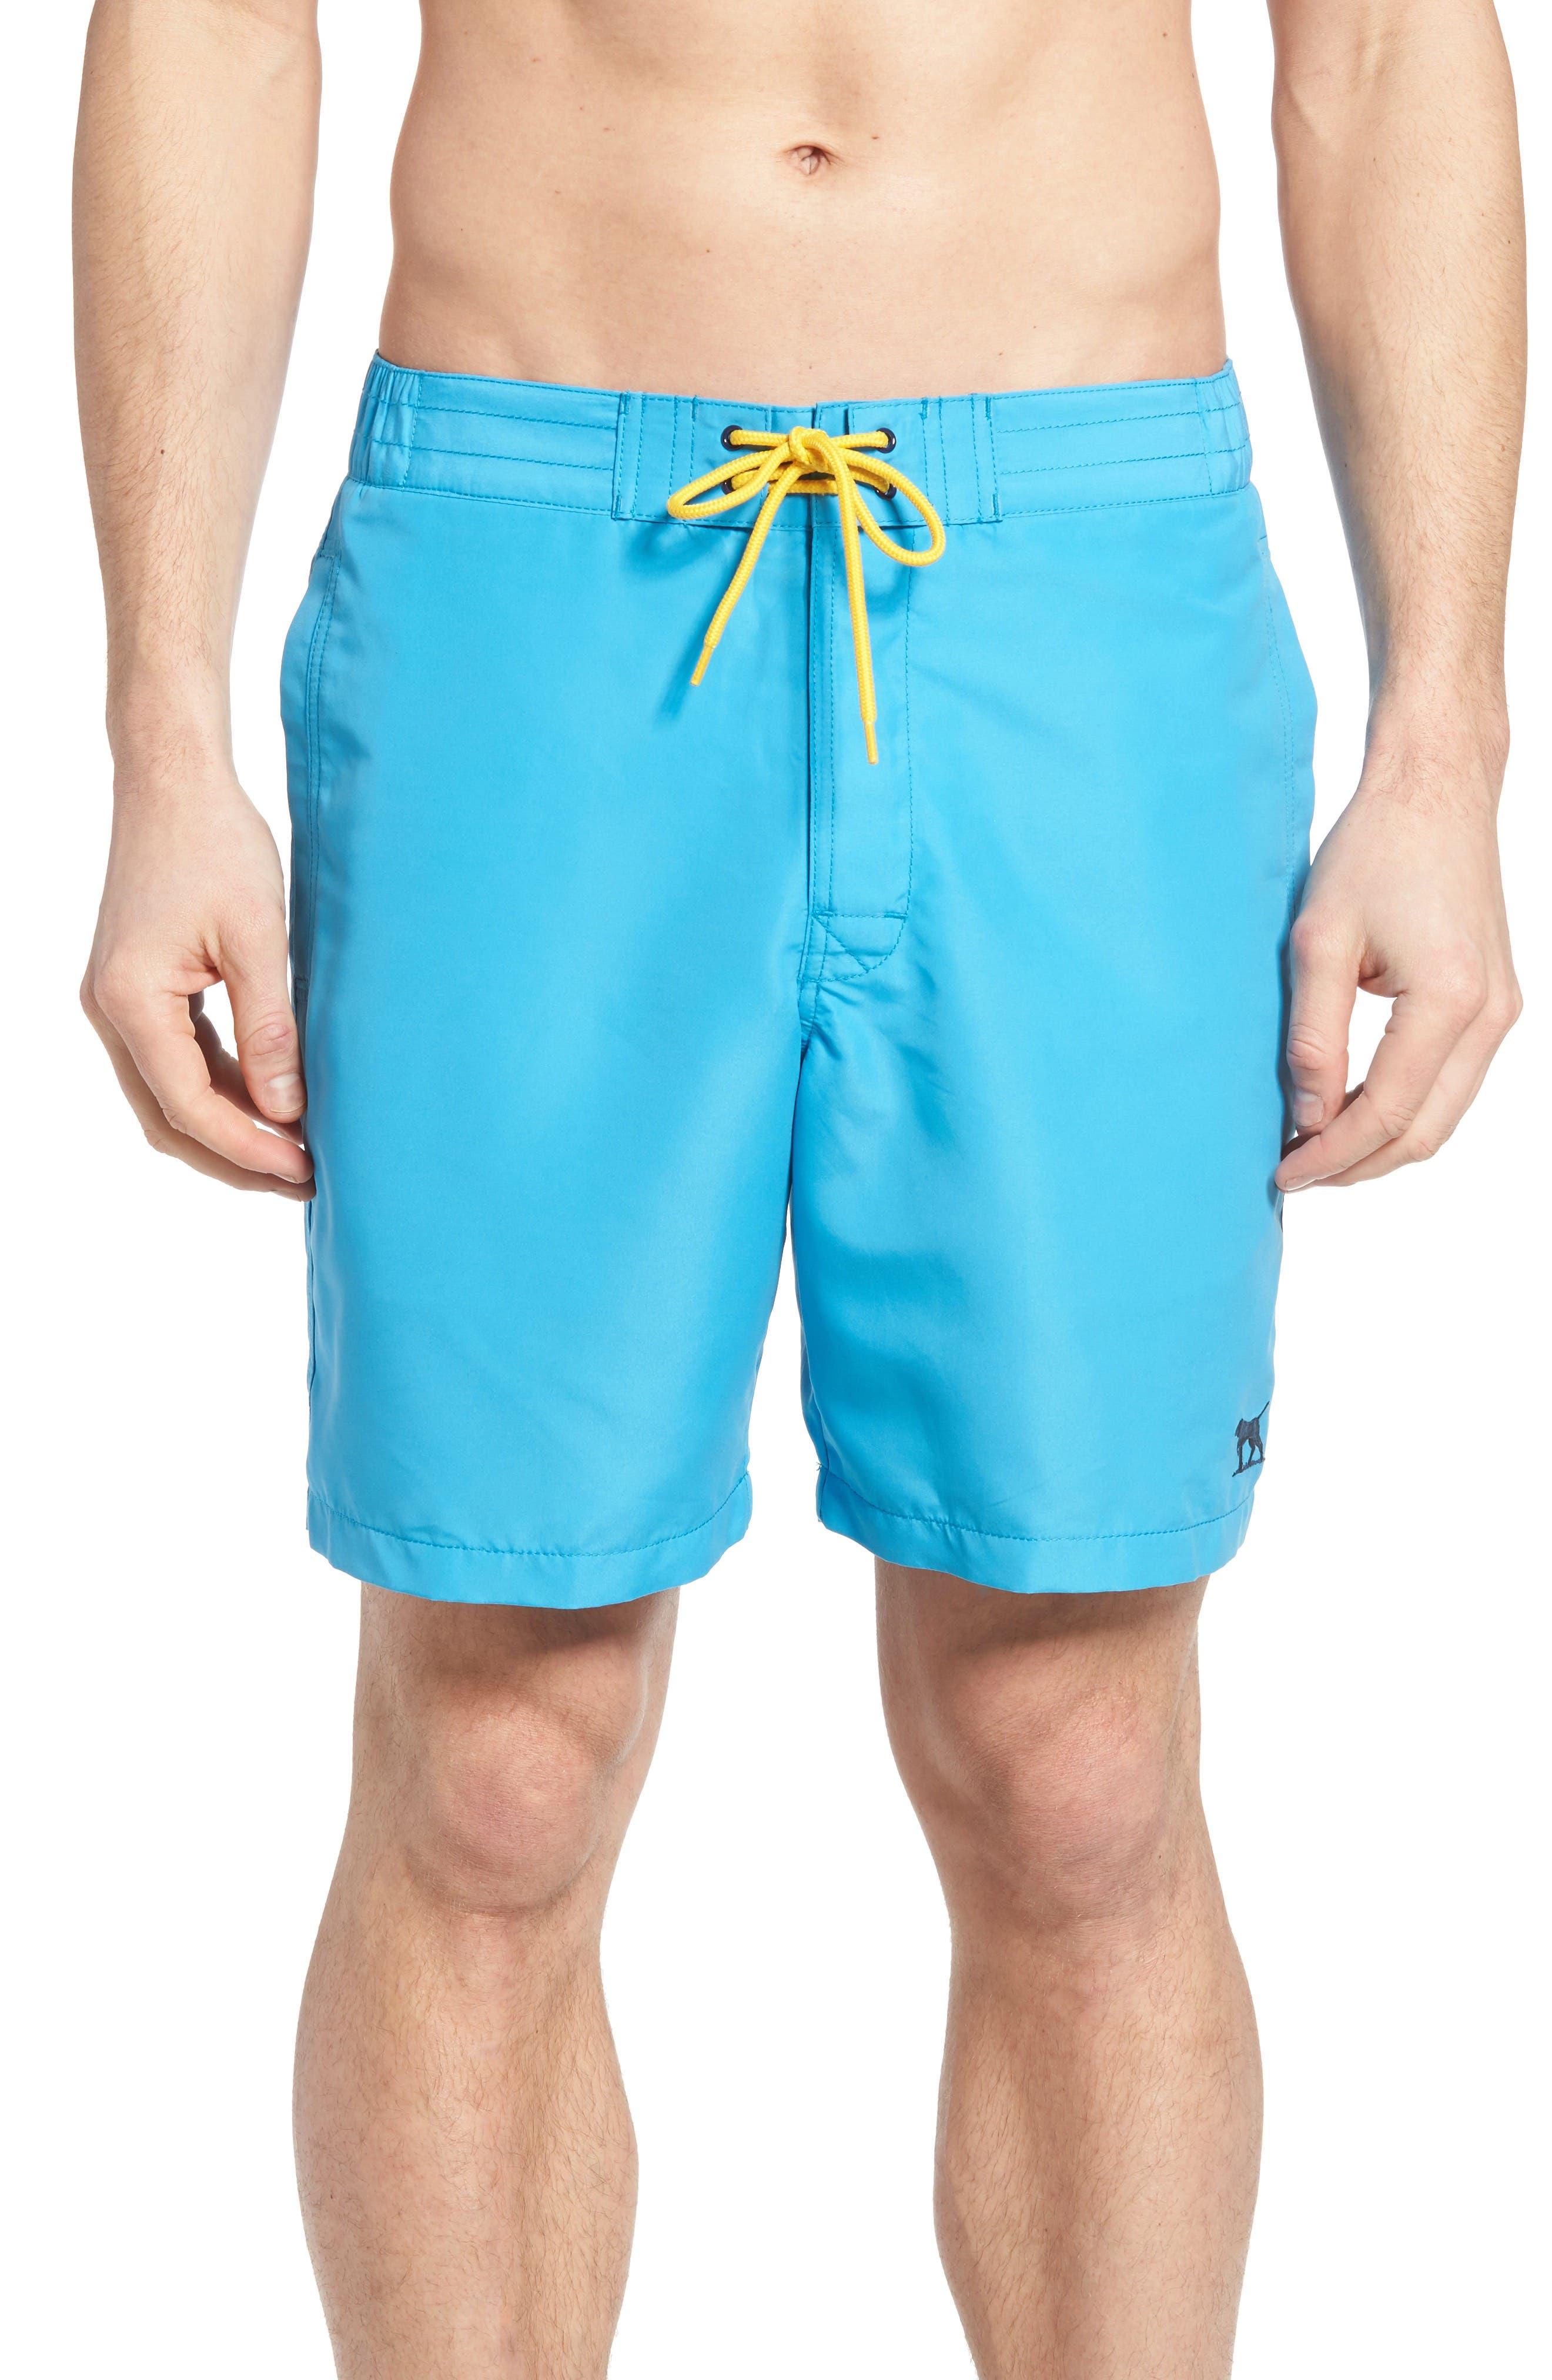 Glen Innes Swim Trunks,                         Main,                         color, 436